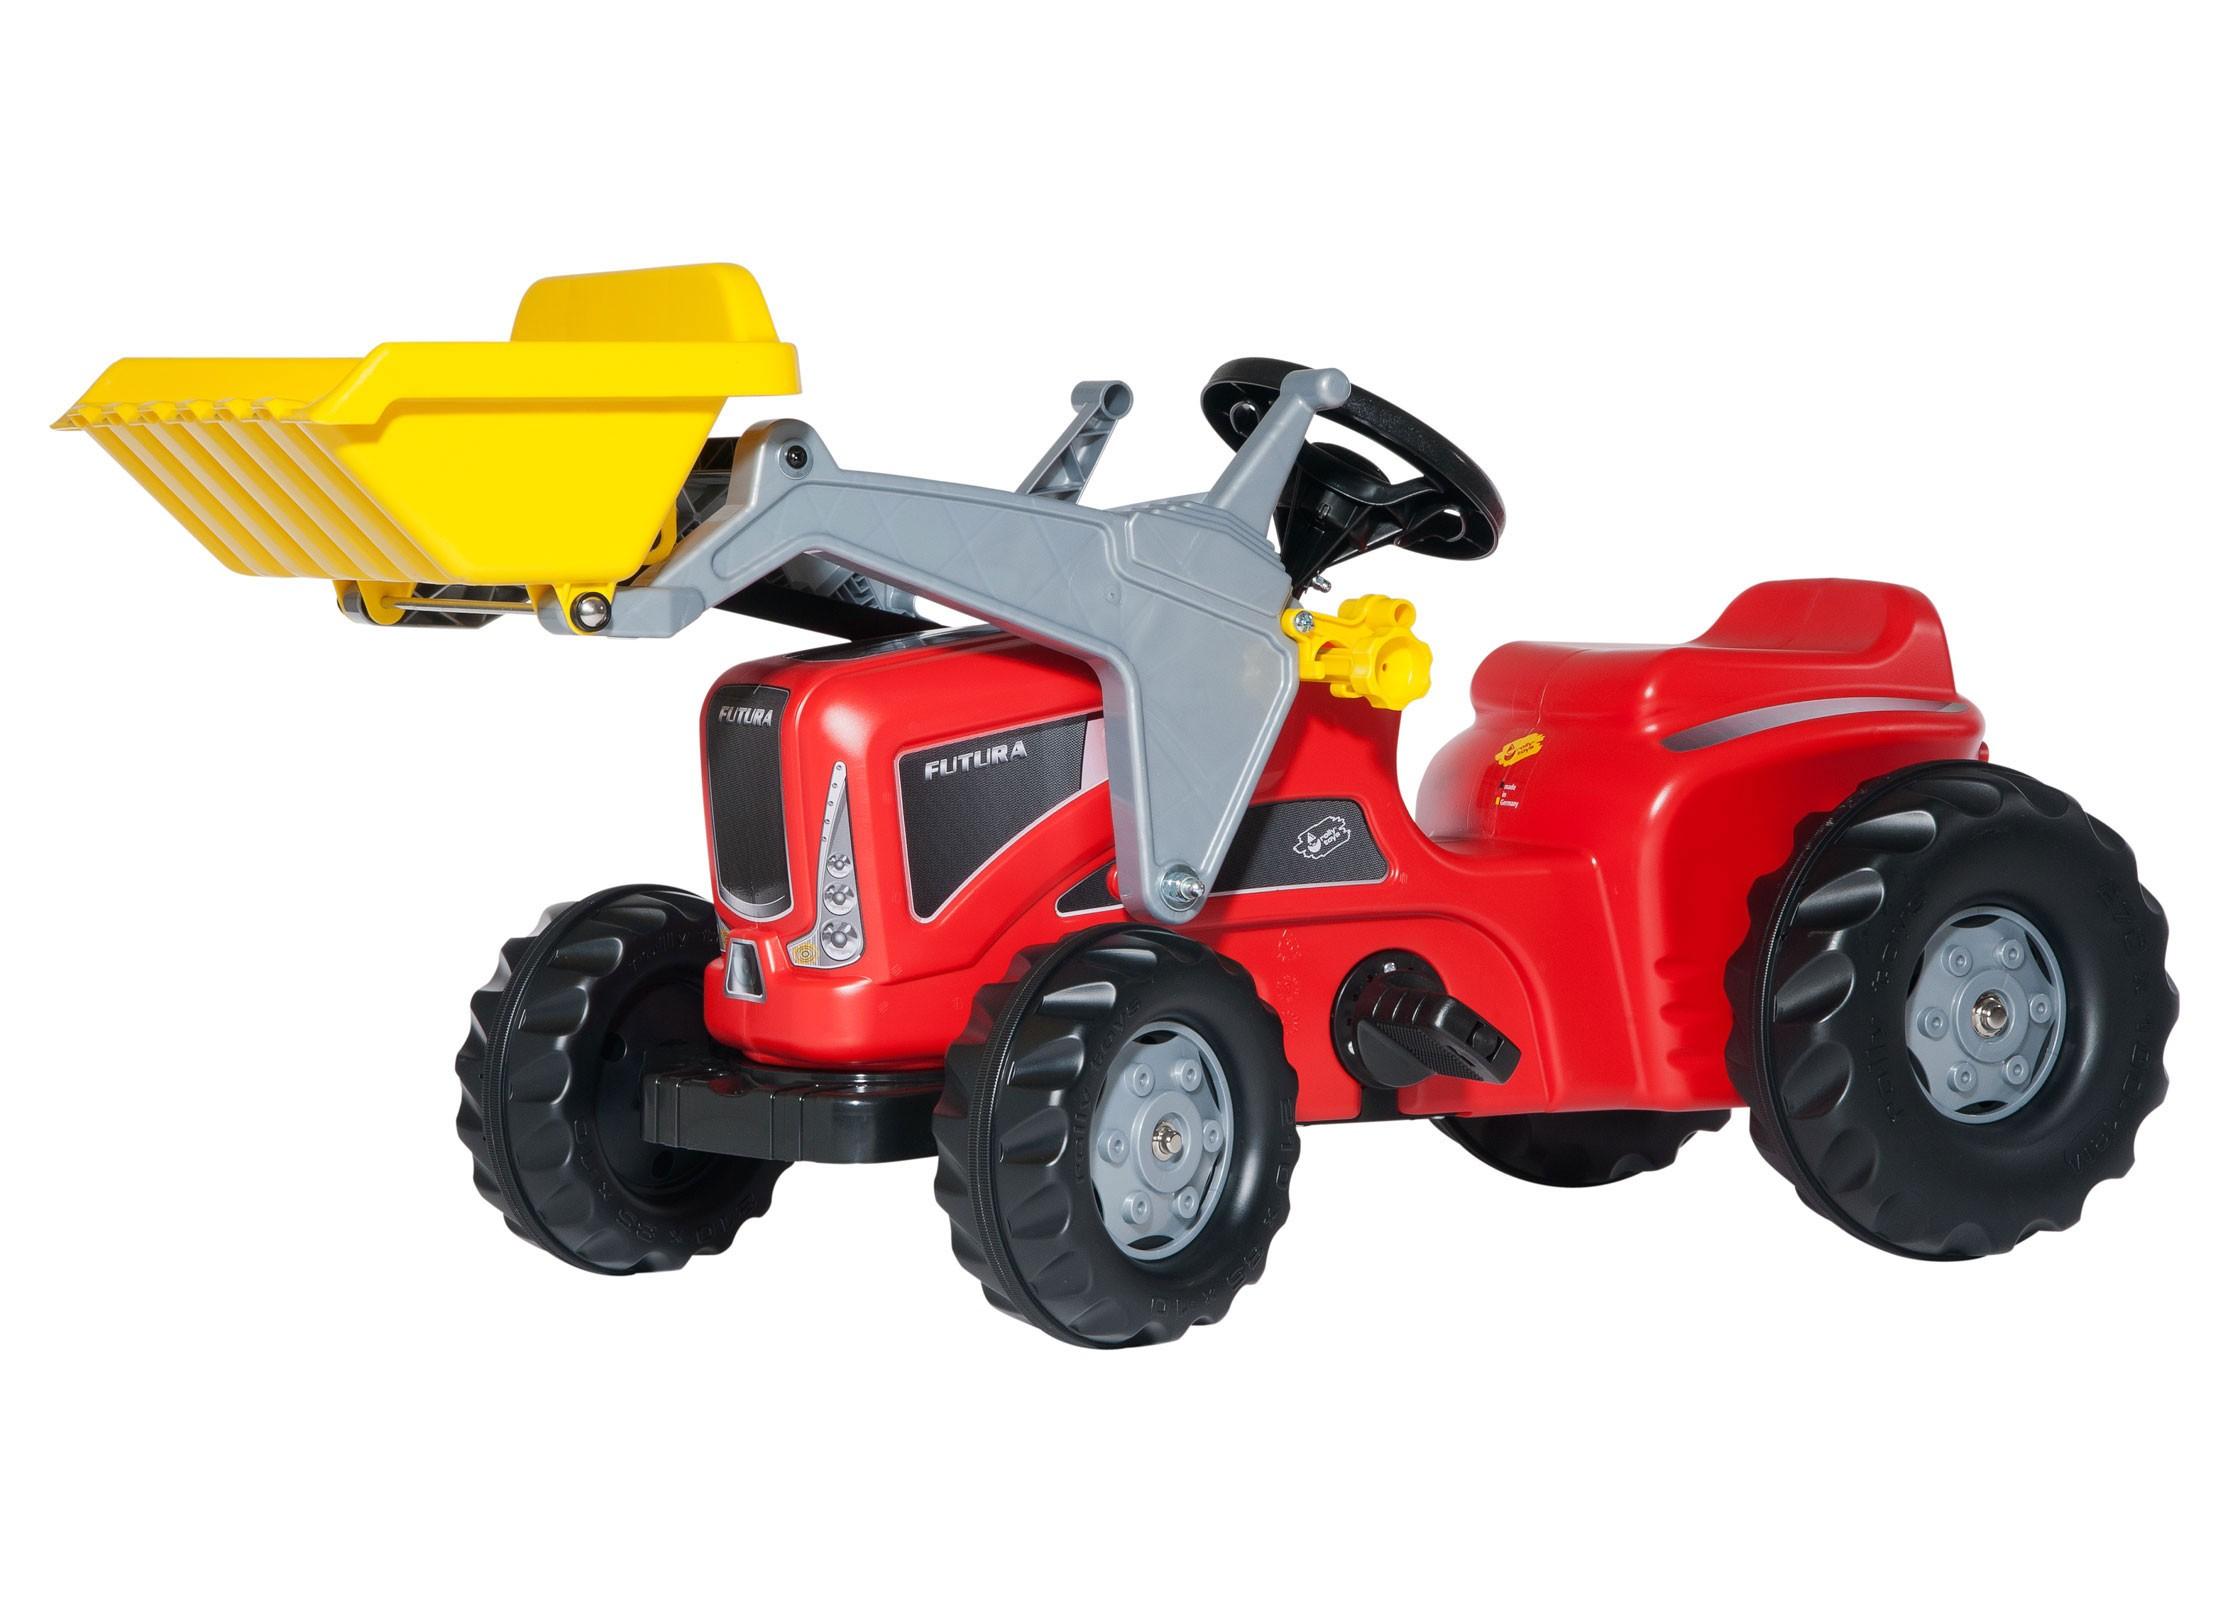 Trettraktor rolly Kiddy Futura mit Frontlader rot - Rolly Toys Bild 1